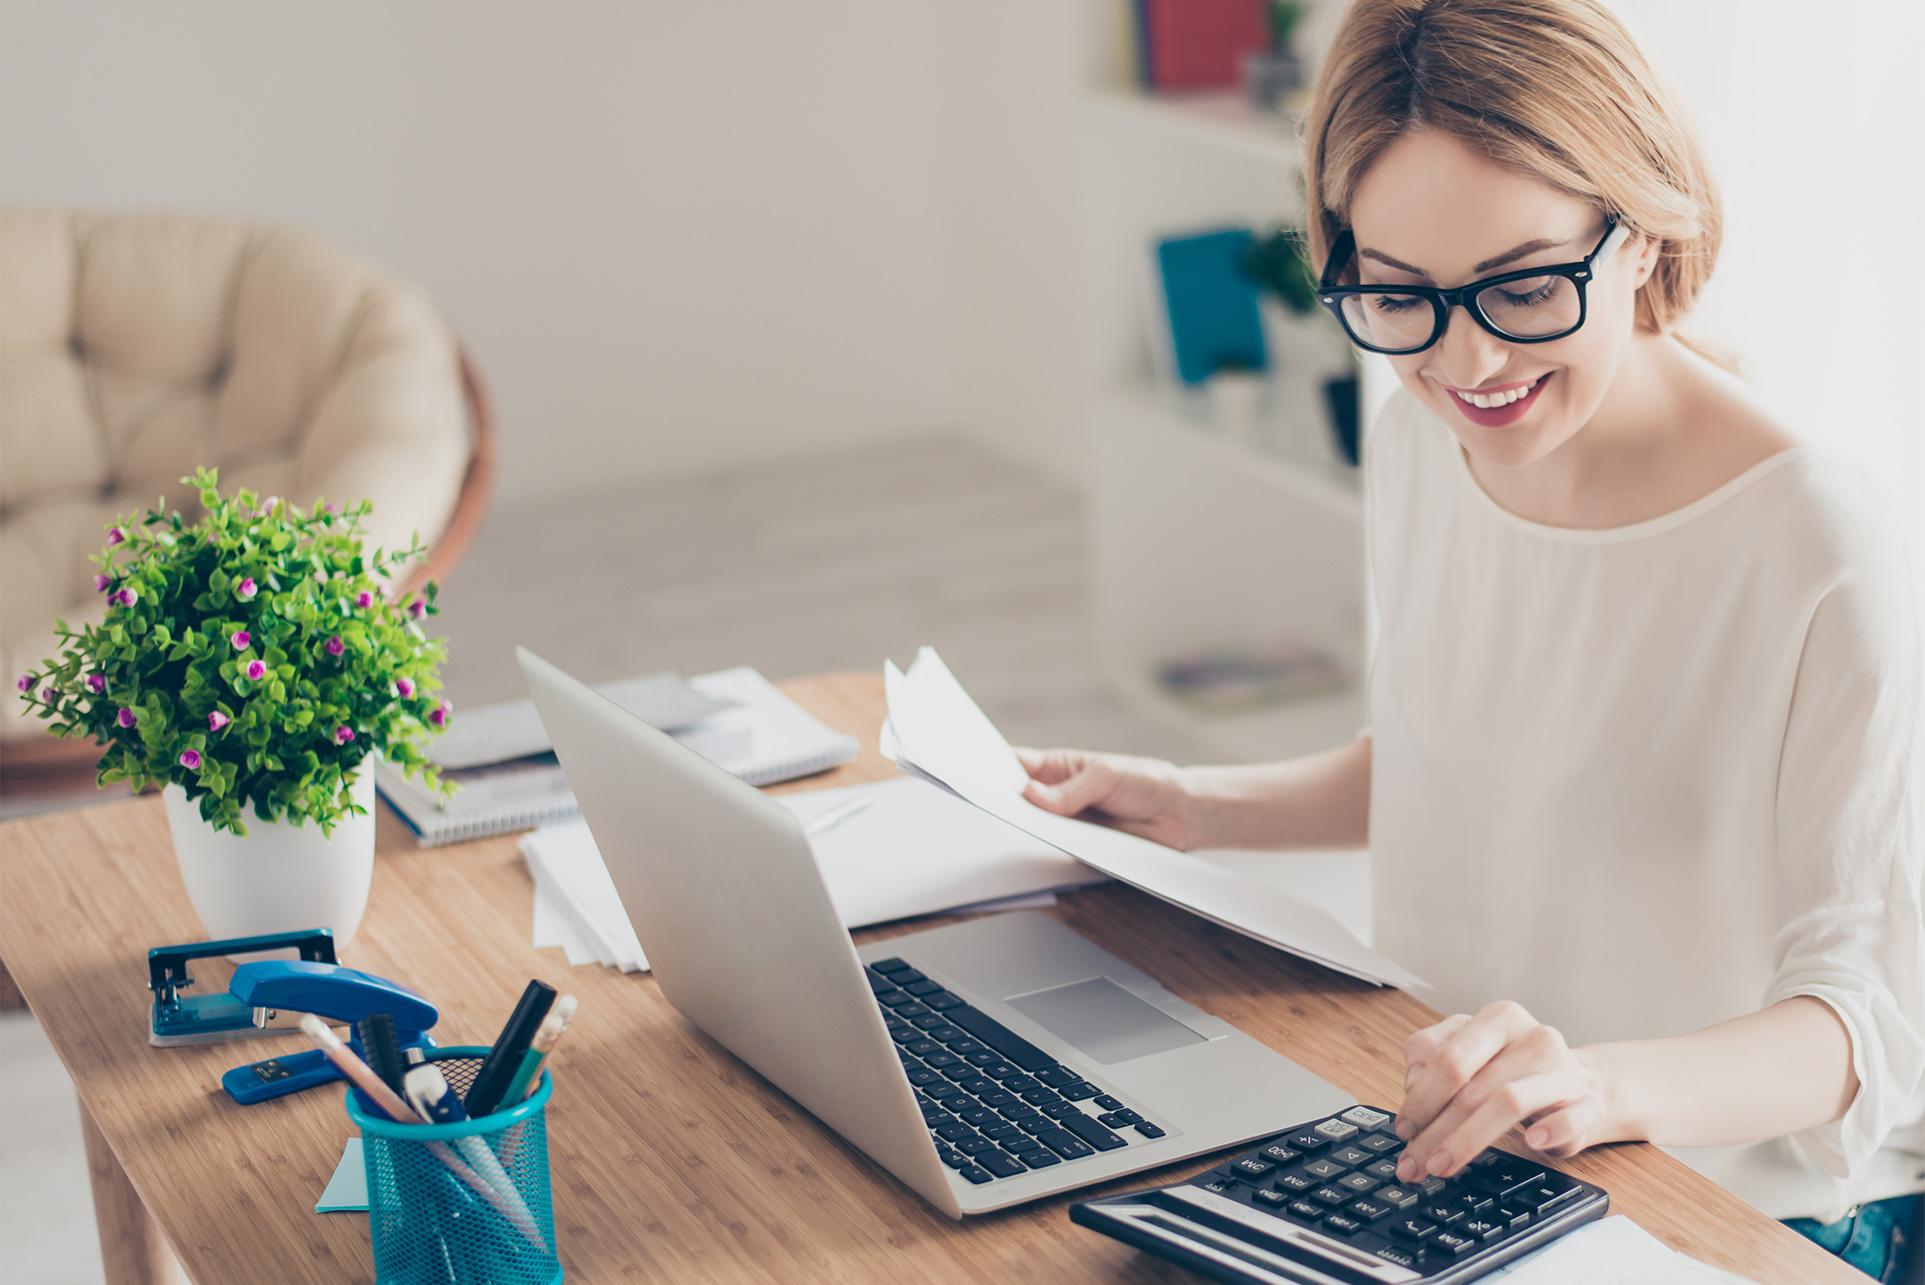 Frau sitzt am Tisch und bedient den Taschenrechner. Vor ihr steht der aufgeklappte Laptop und Unterlagen liegen bereit.